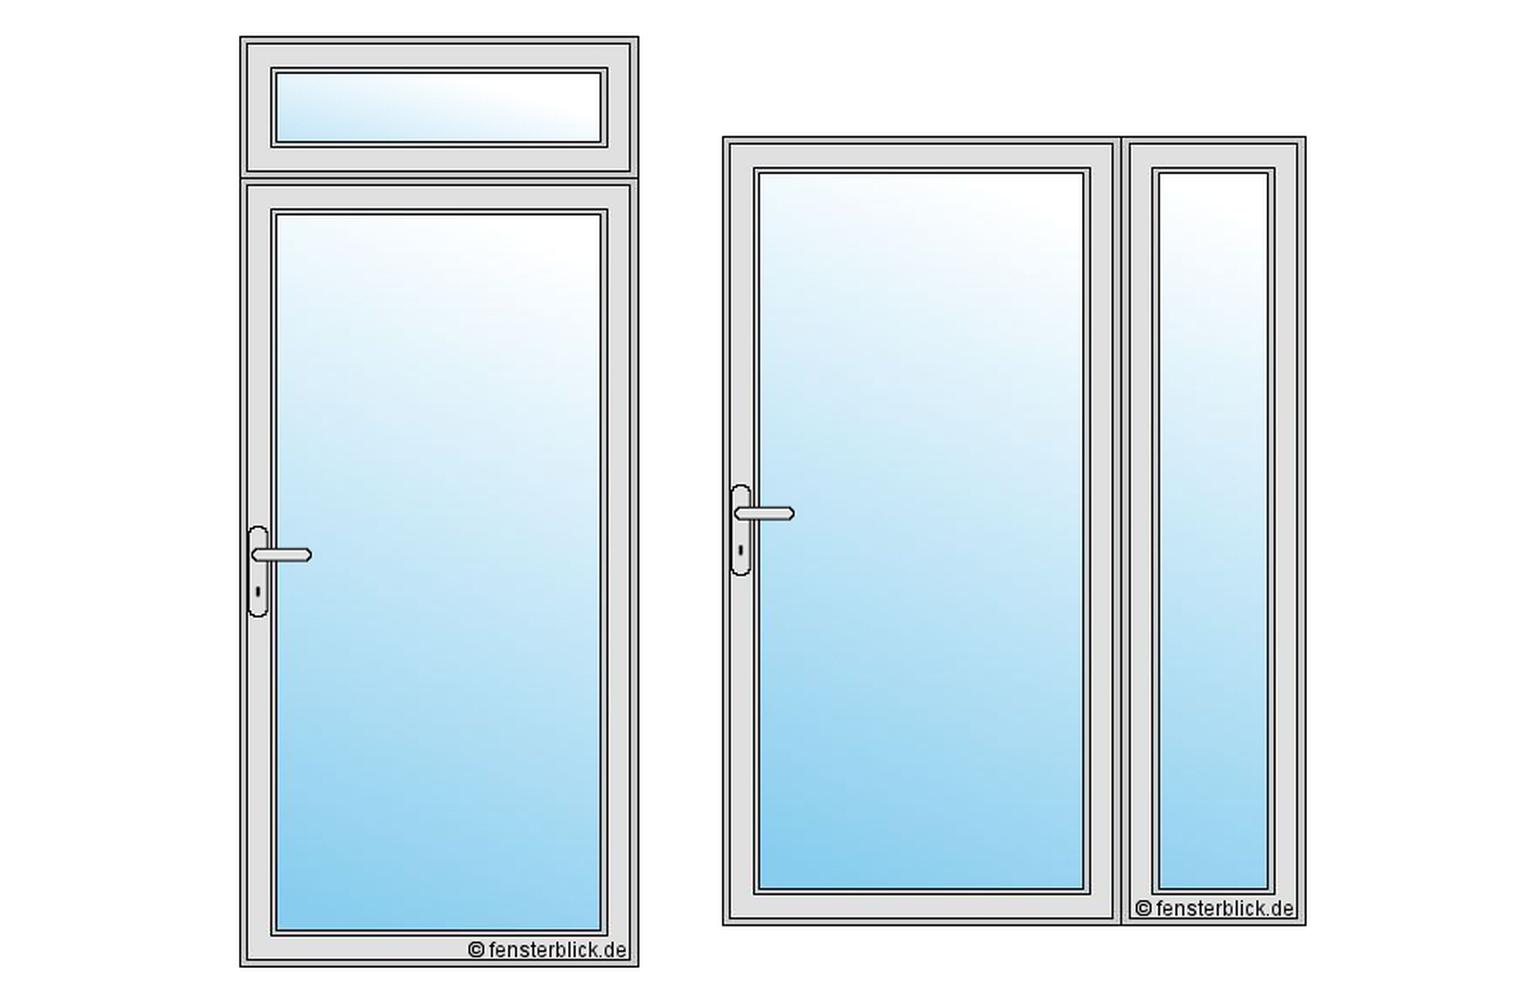 Bevorzugt Haustüren mit Glas - Wunderschöne Glasfüllungen - fensterblick.de CV23